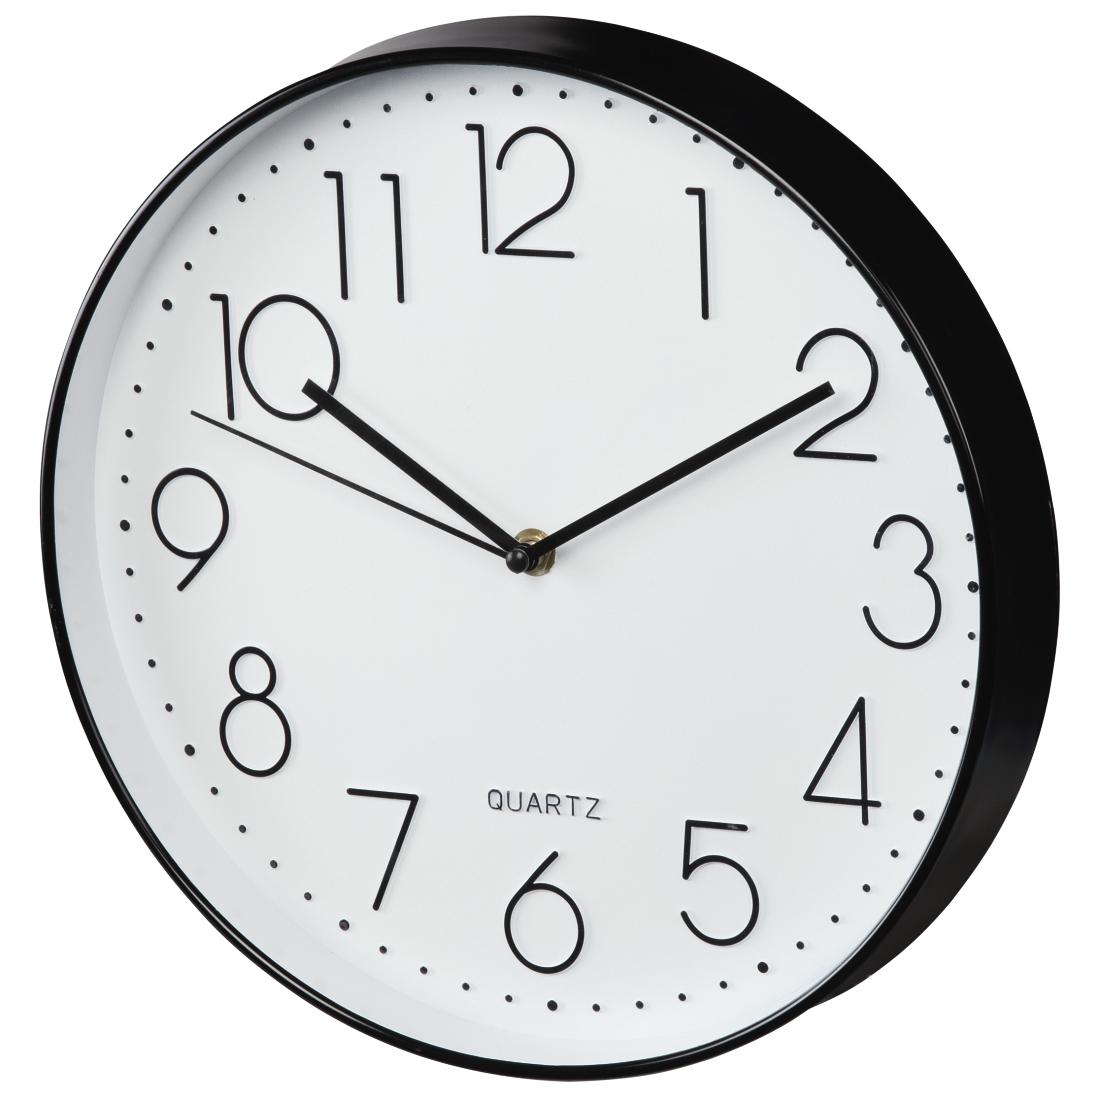 00176902 hama horloge murale elegance 30 cm silencieuse noire blanche. Black Bedroom Furniture Sets. Home Design Ideas